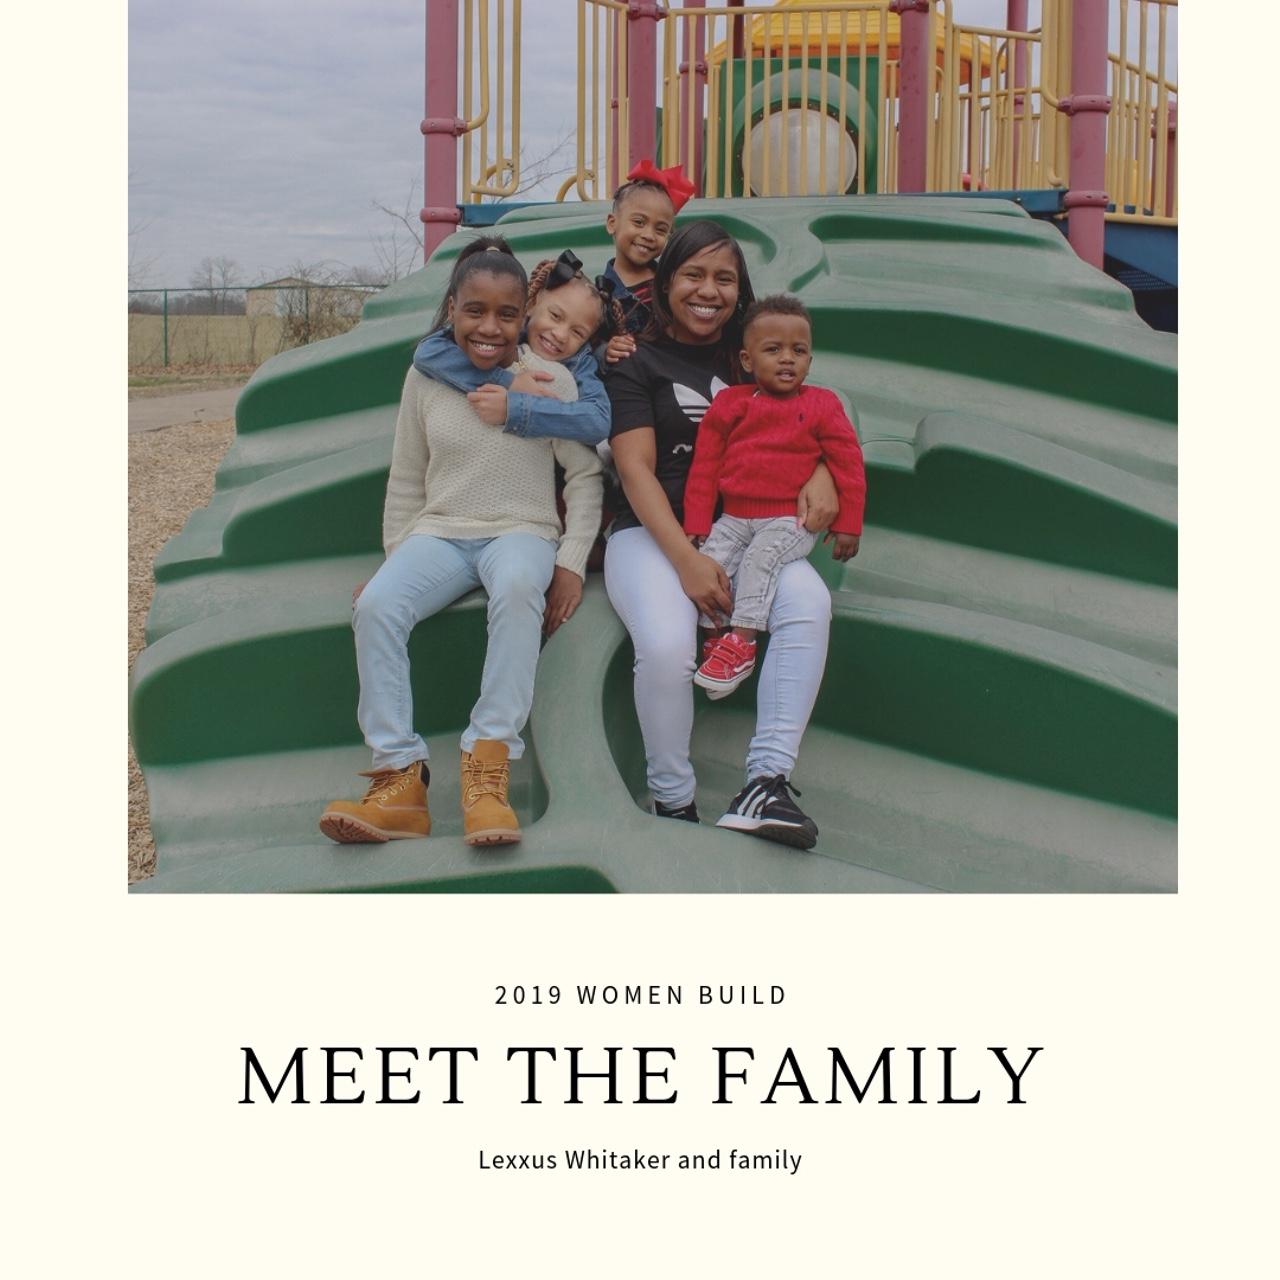 Meet the 2019 Women Build Partner Family